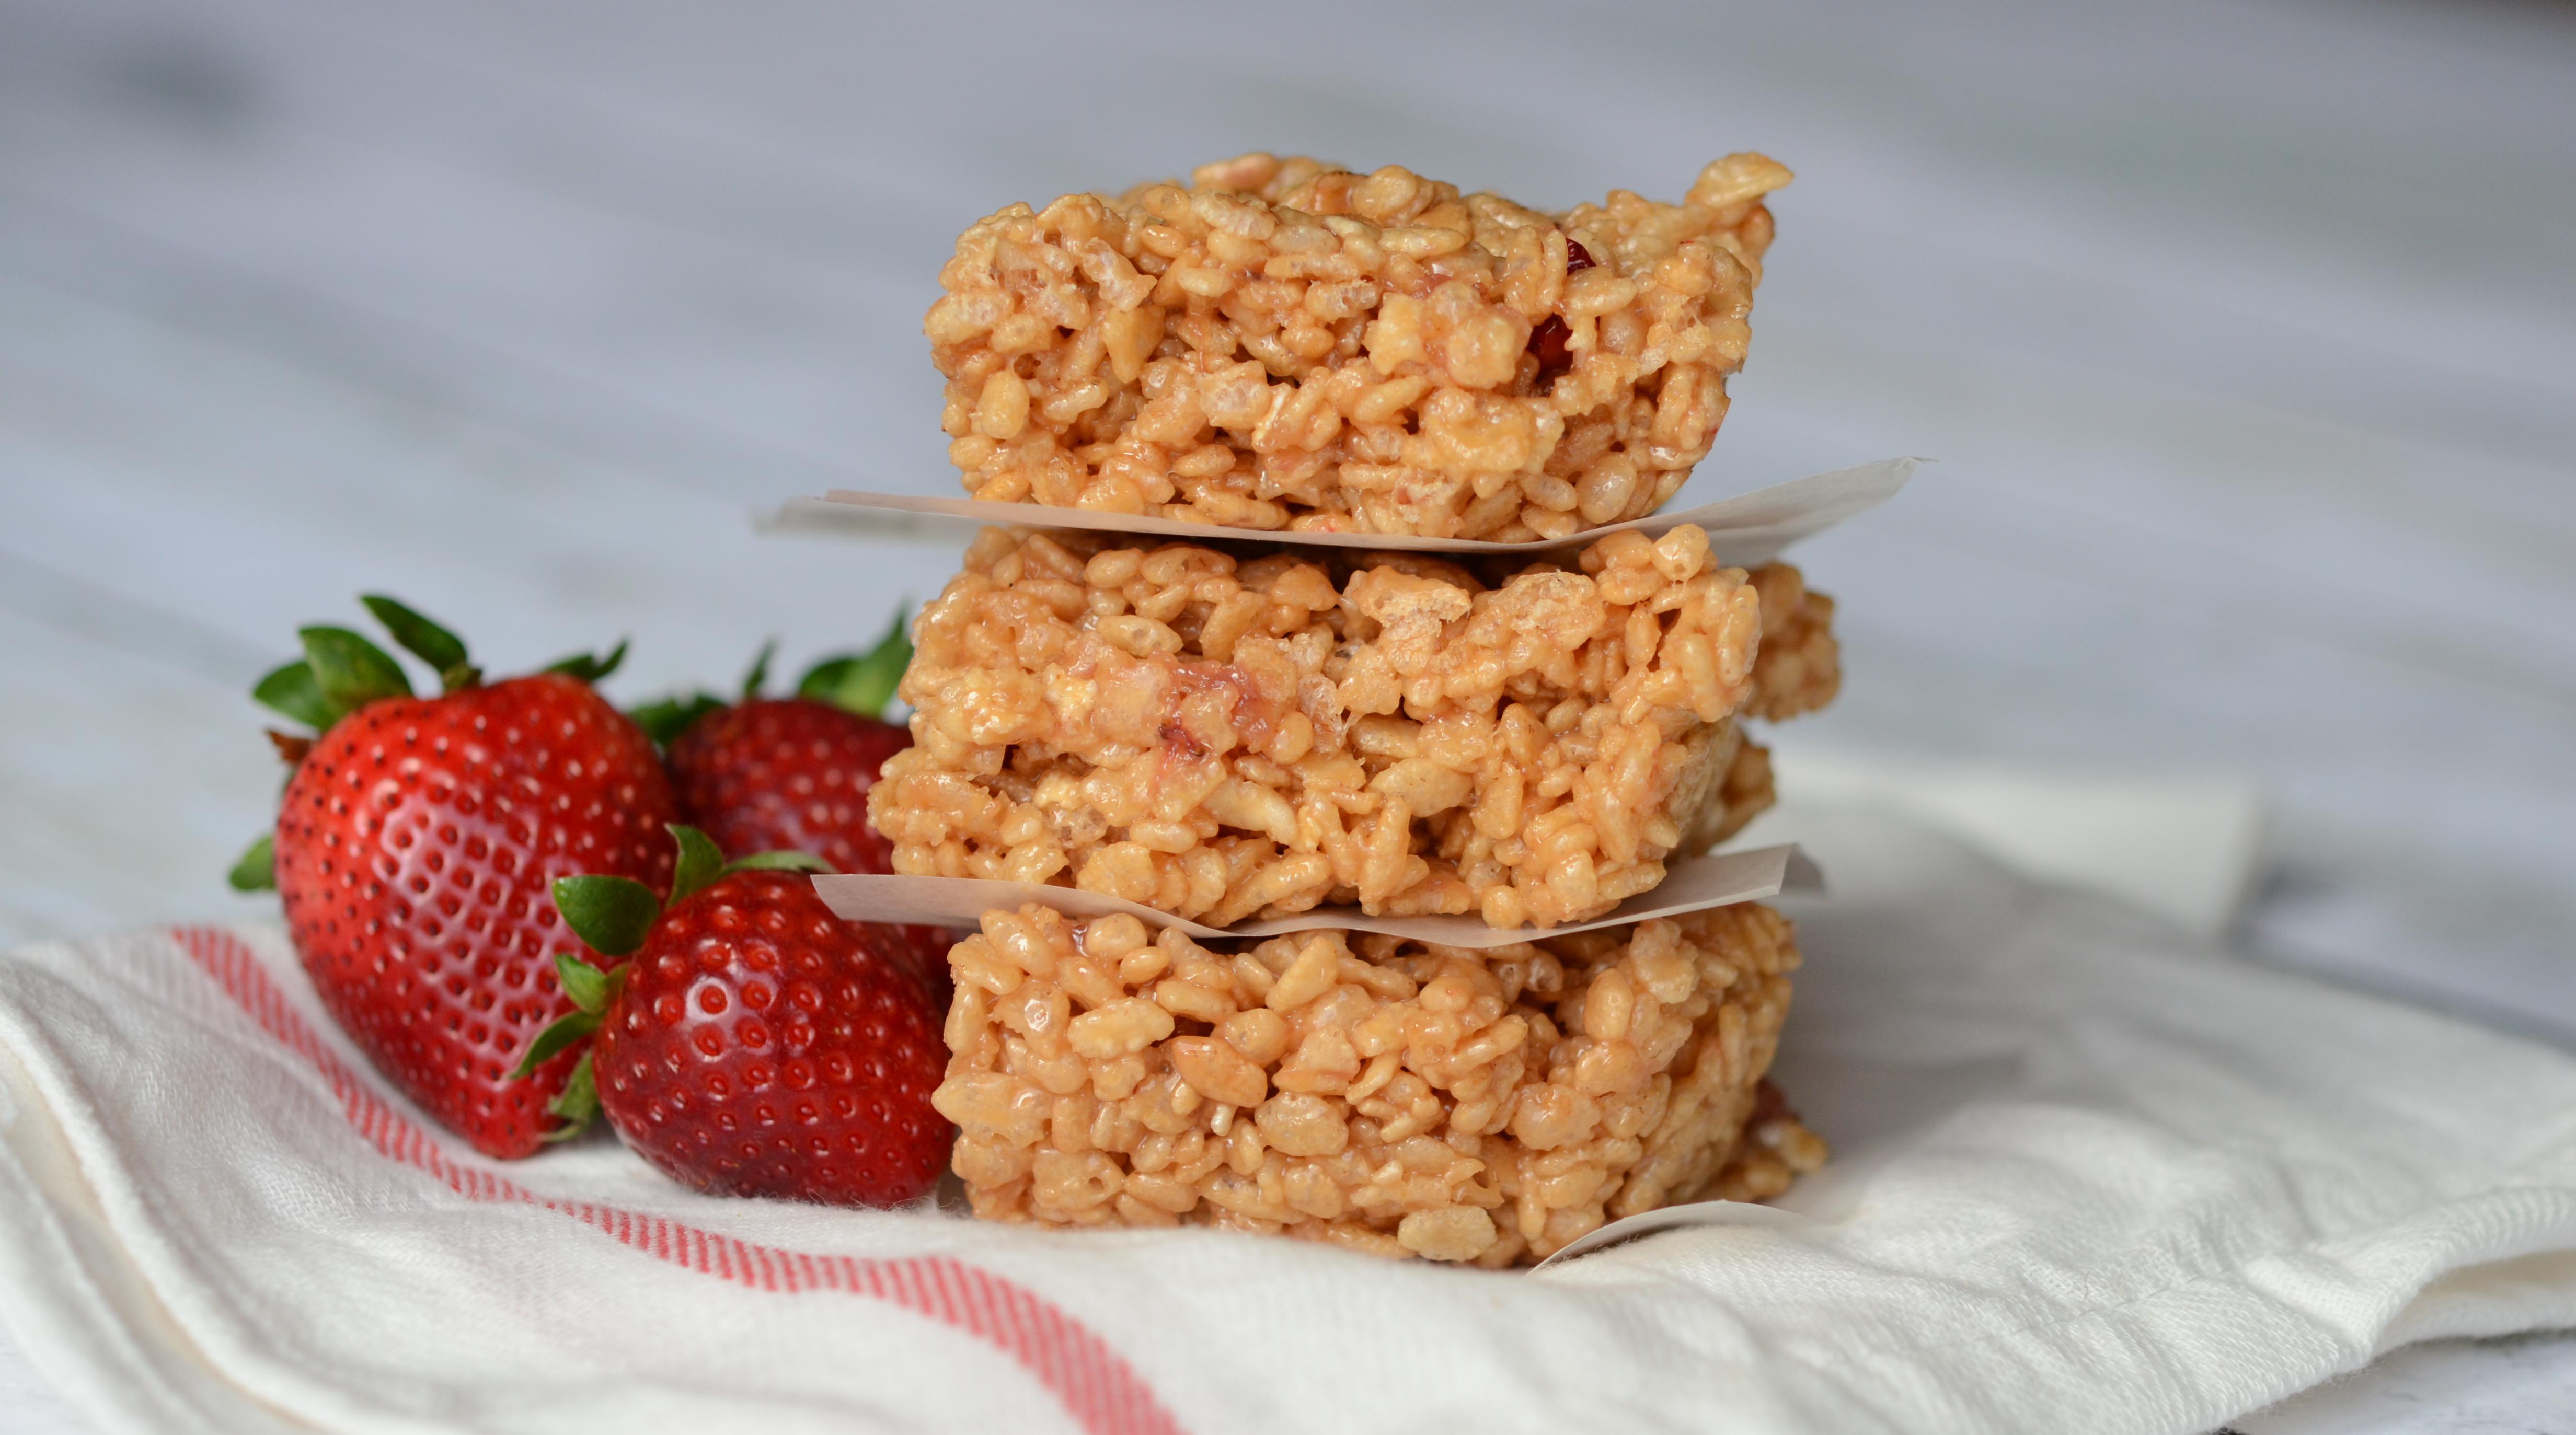 Strawberry Peanut Butter Rice Krispie Treats